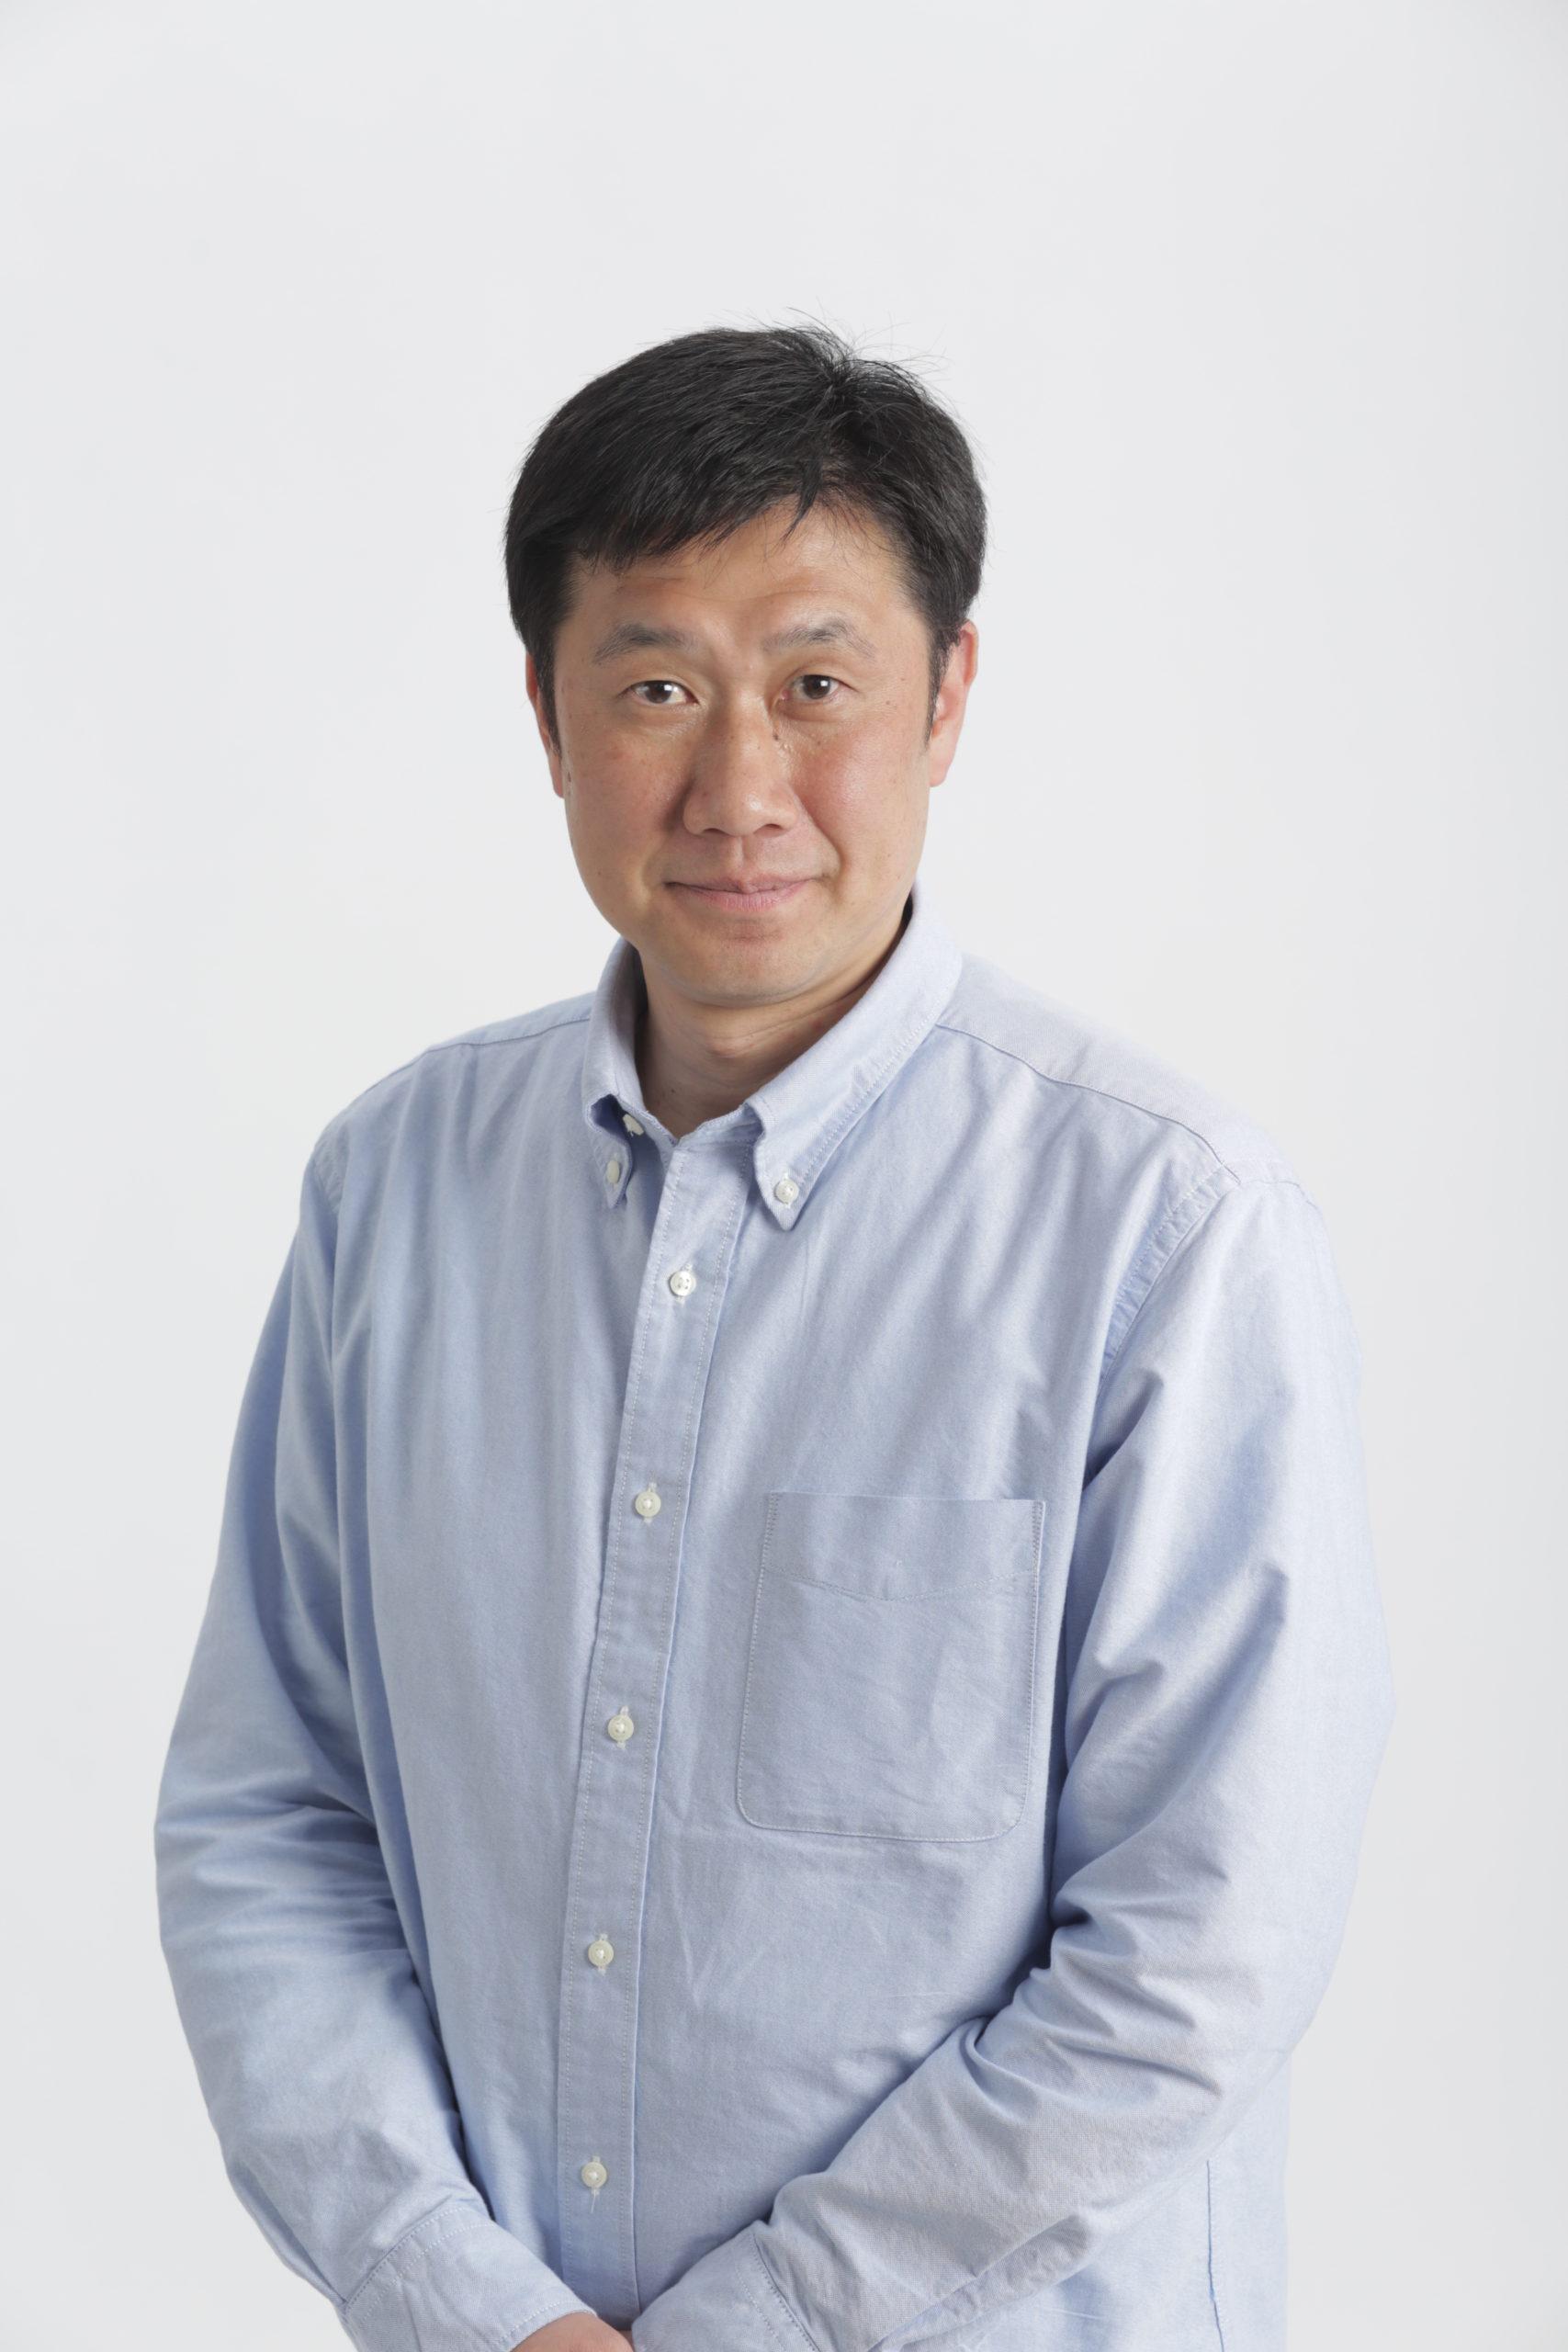 岡田一彦顔写真3